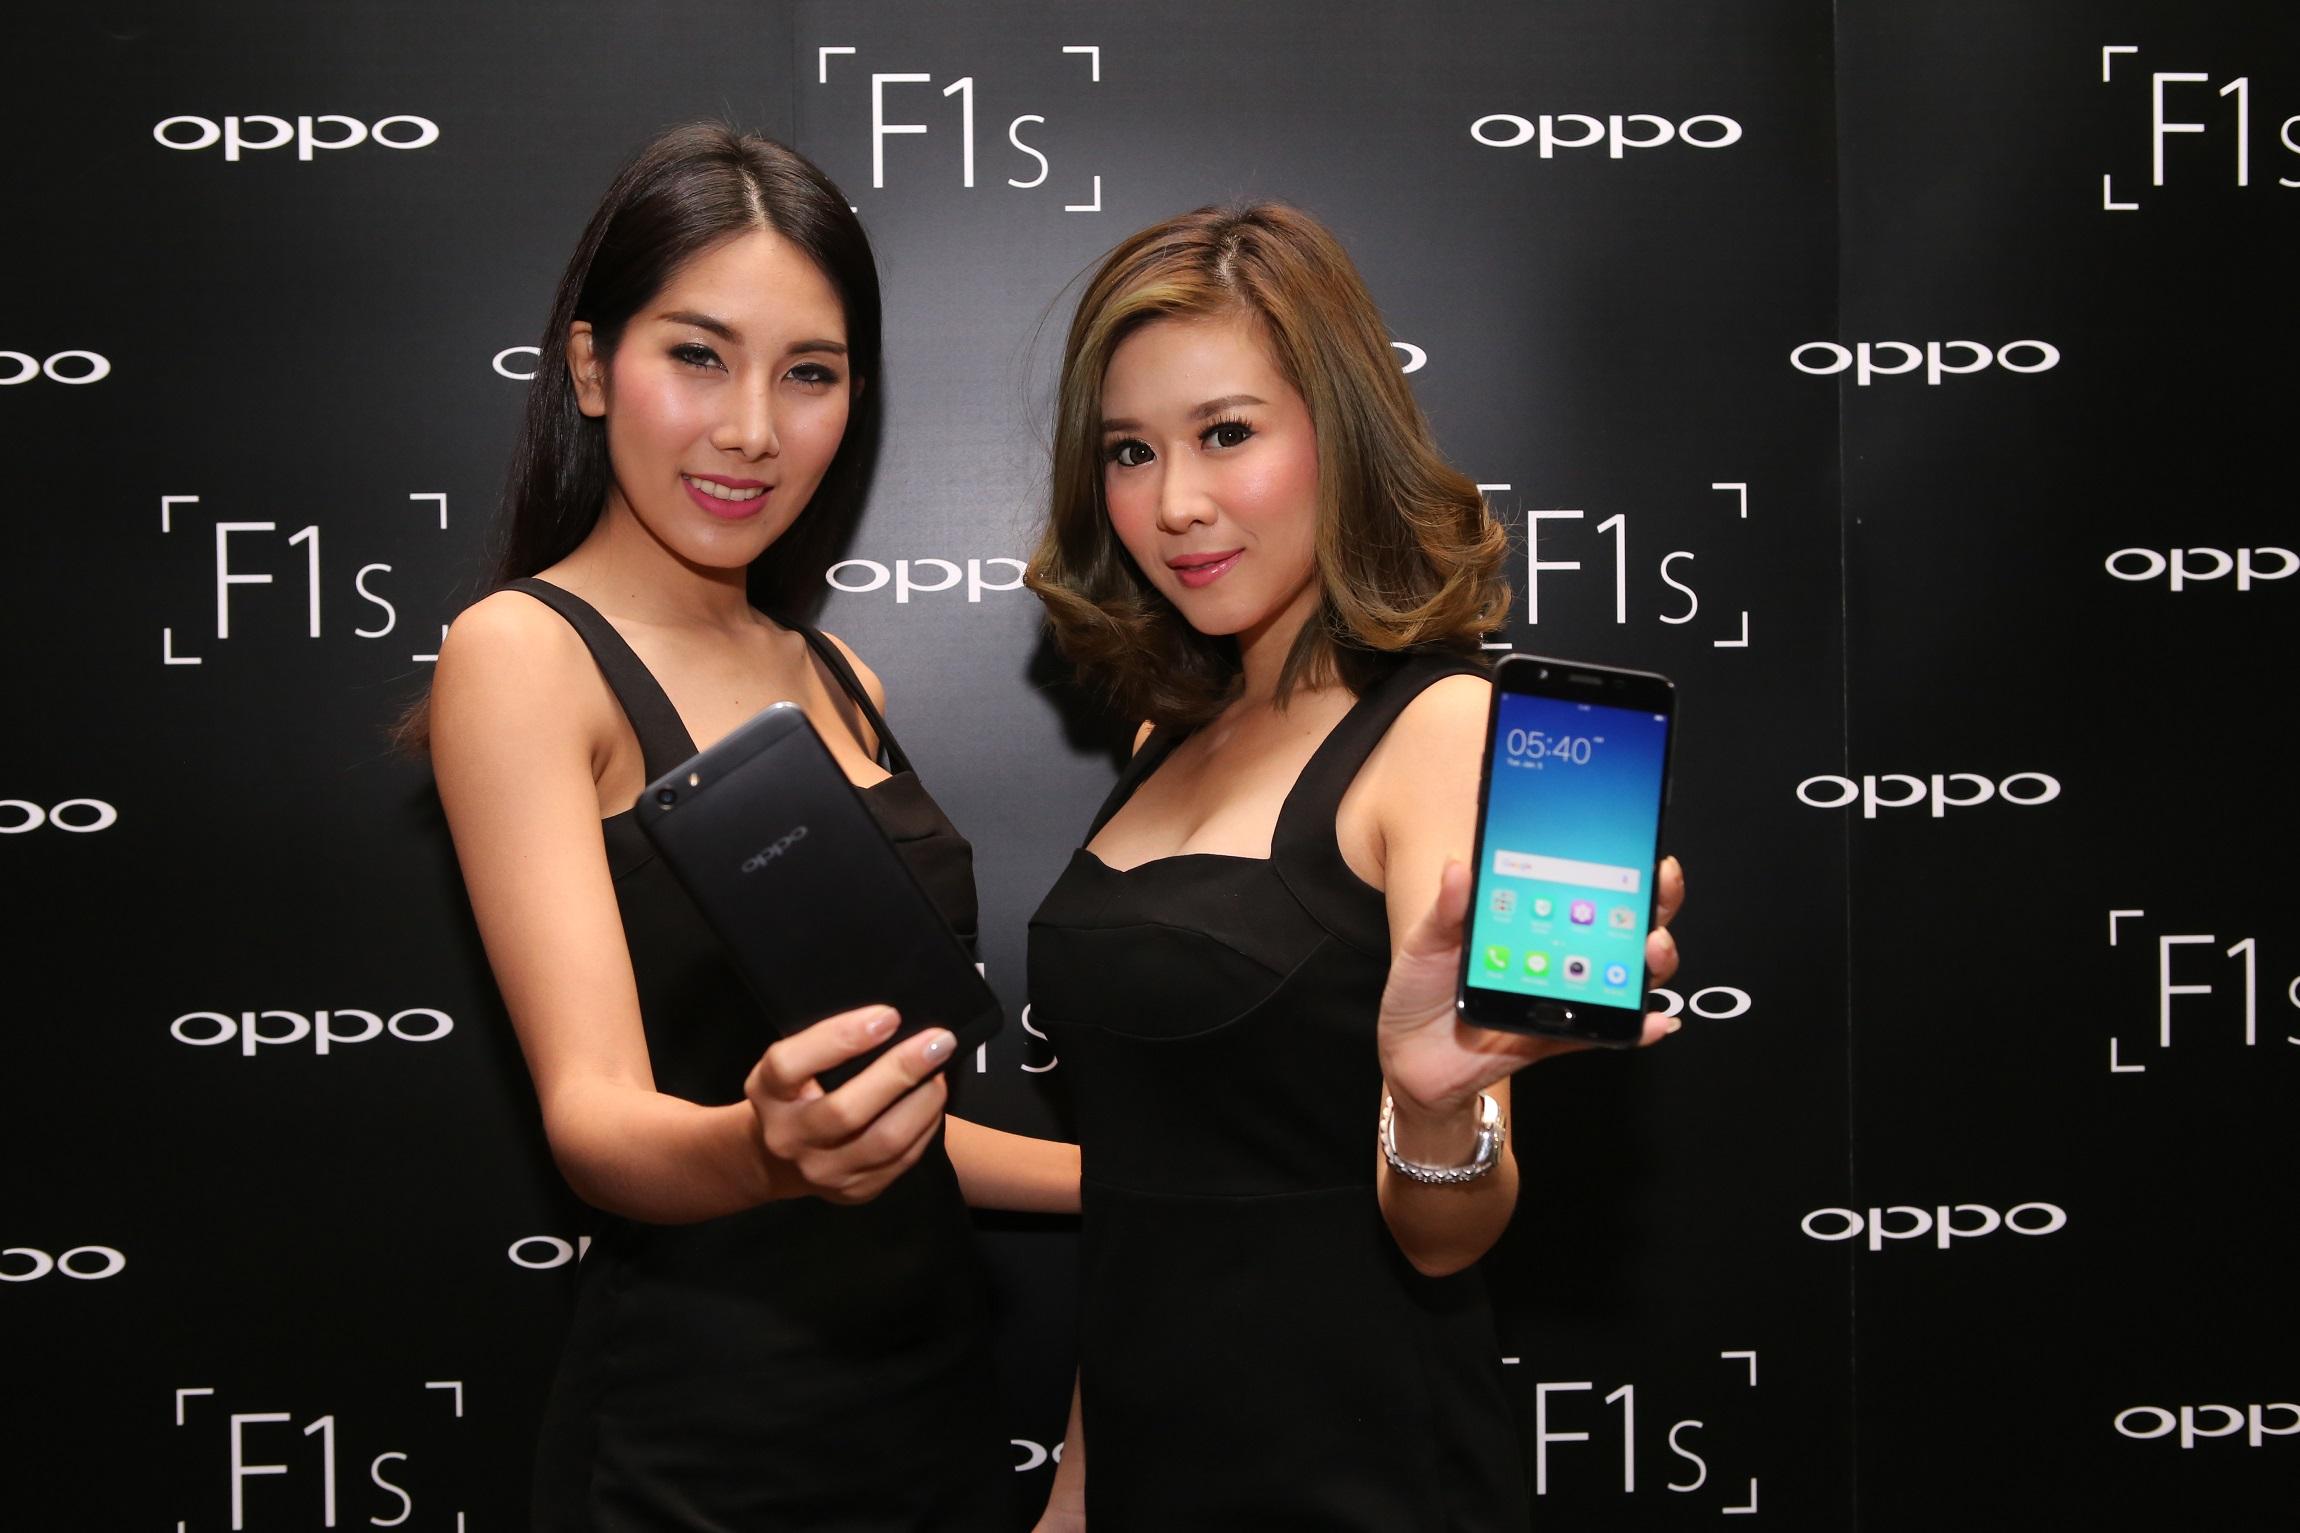 OPPO-F1s-Classic-Black-Edition-00006